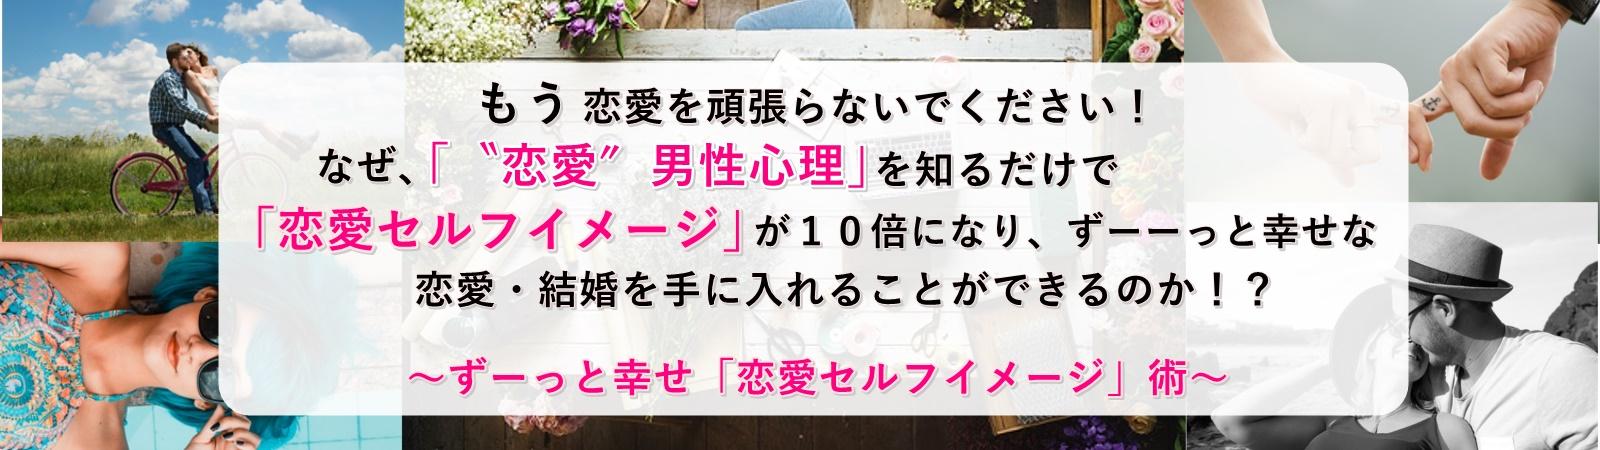 男性心理を理解しずっと幸せな恋愛・結婚を叶えるコーチング・齋木貴宏のホームページ